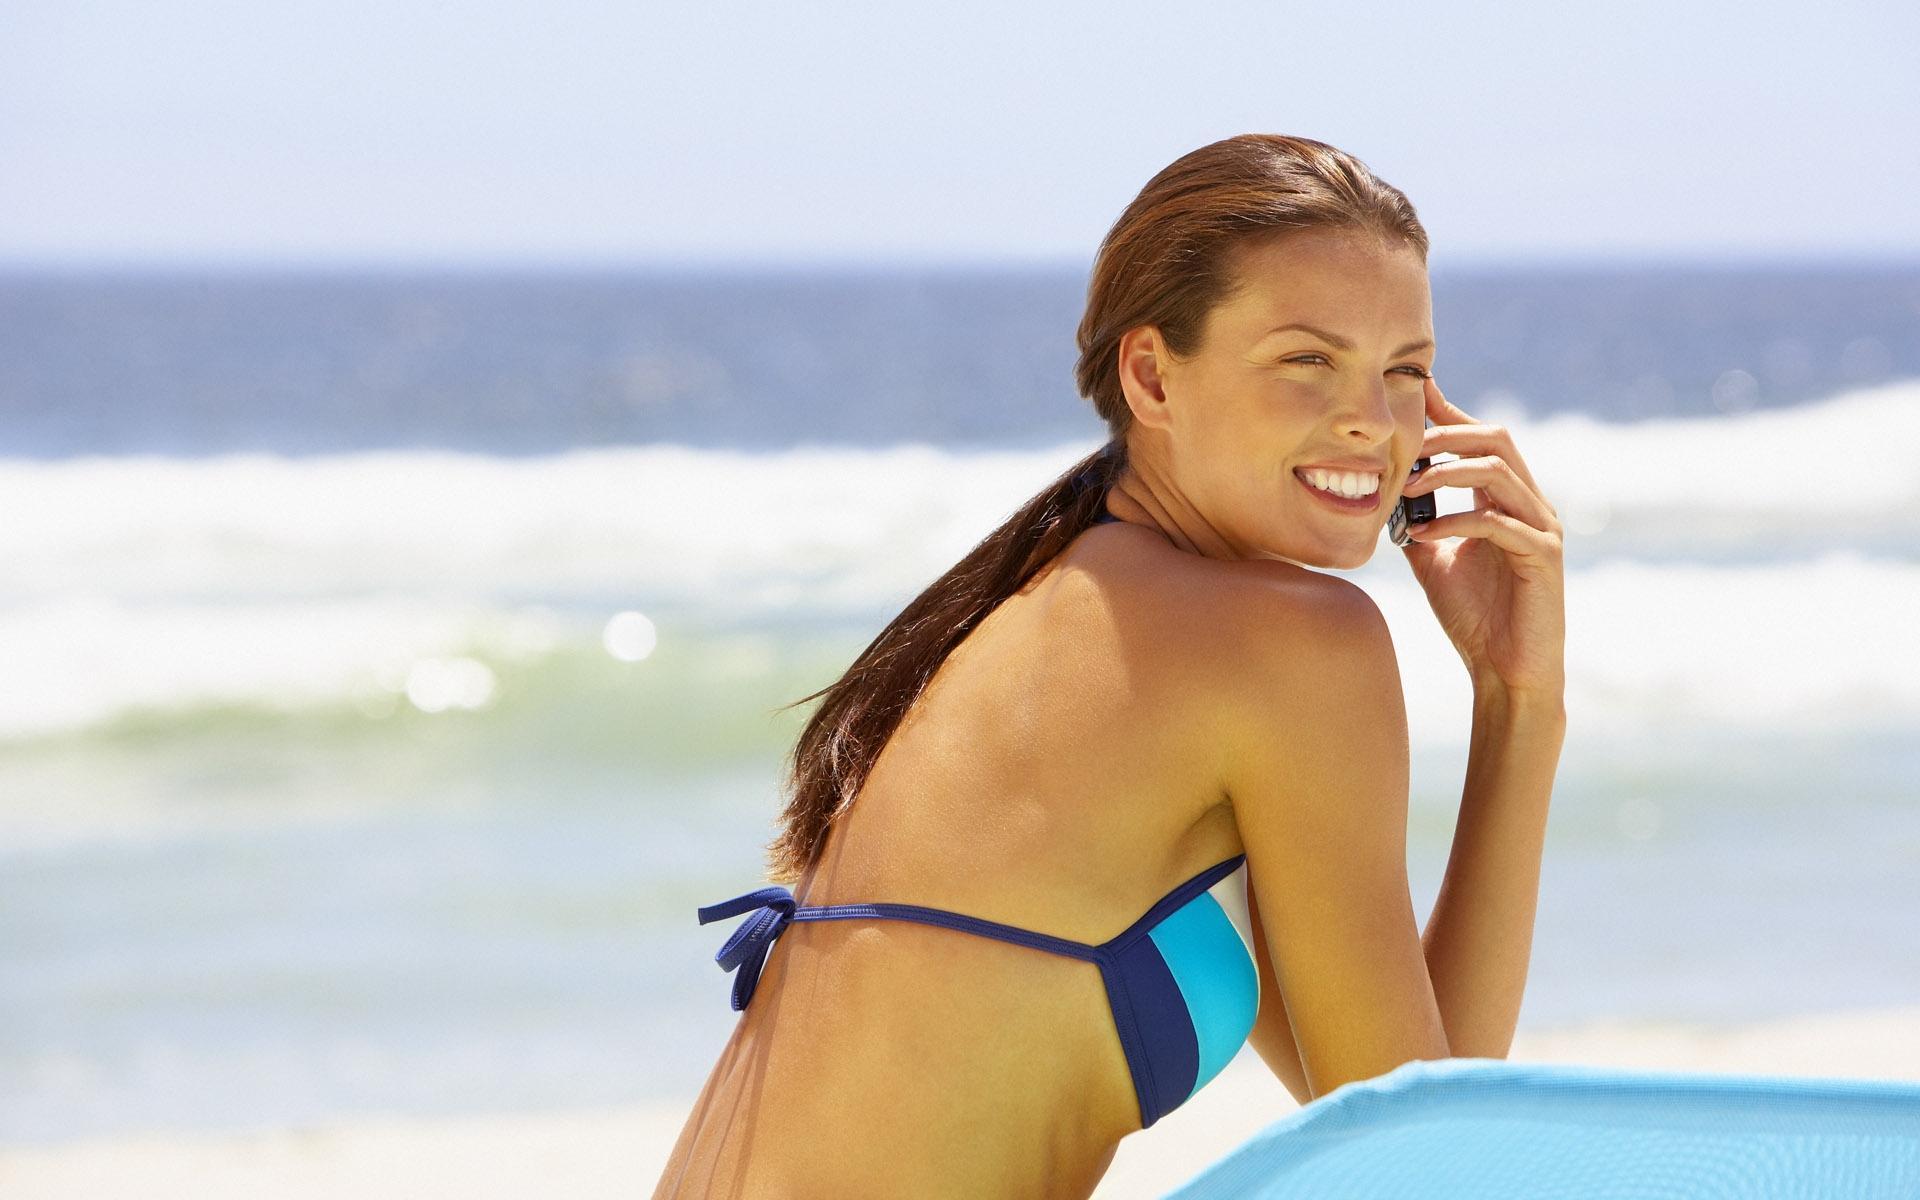 Тёлка на пляже фото 16 фотография